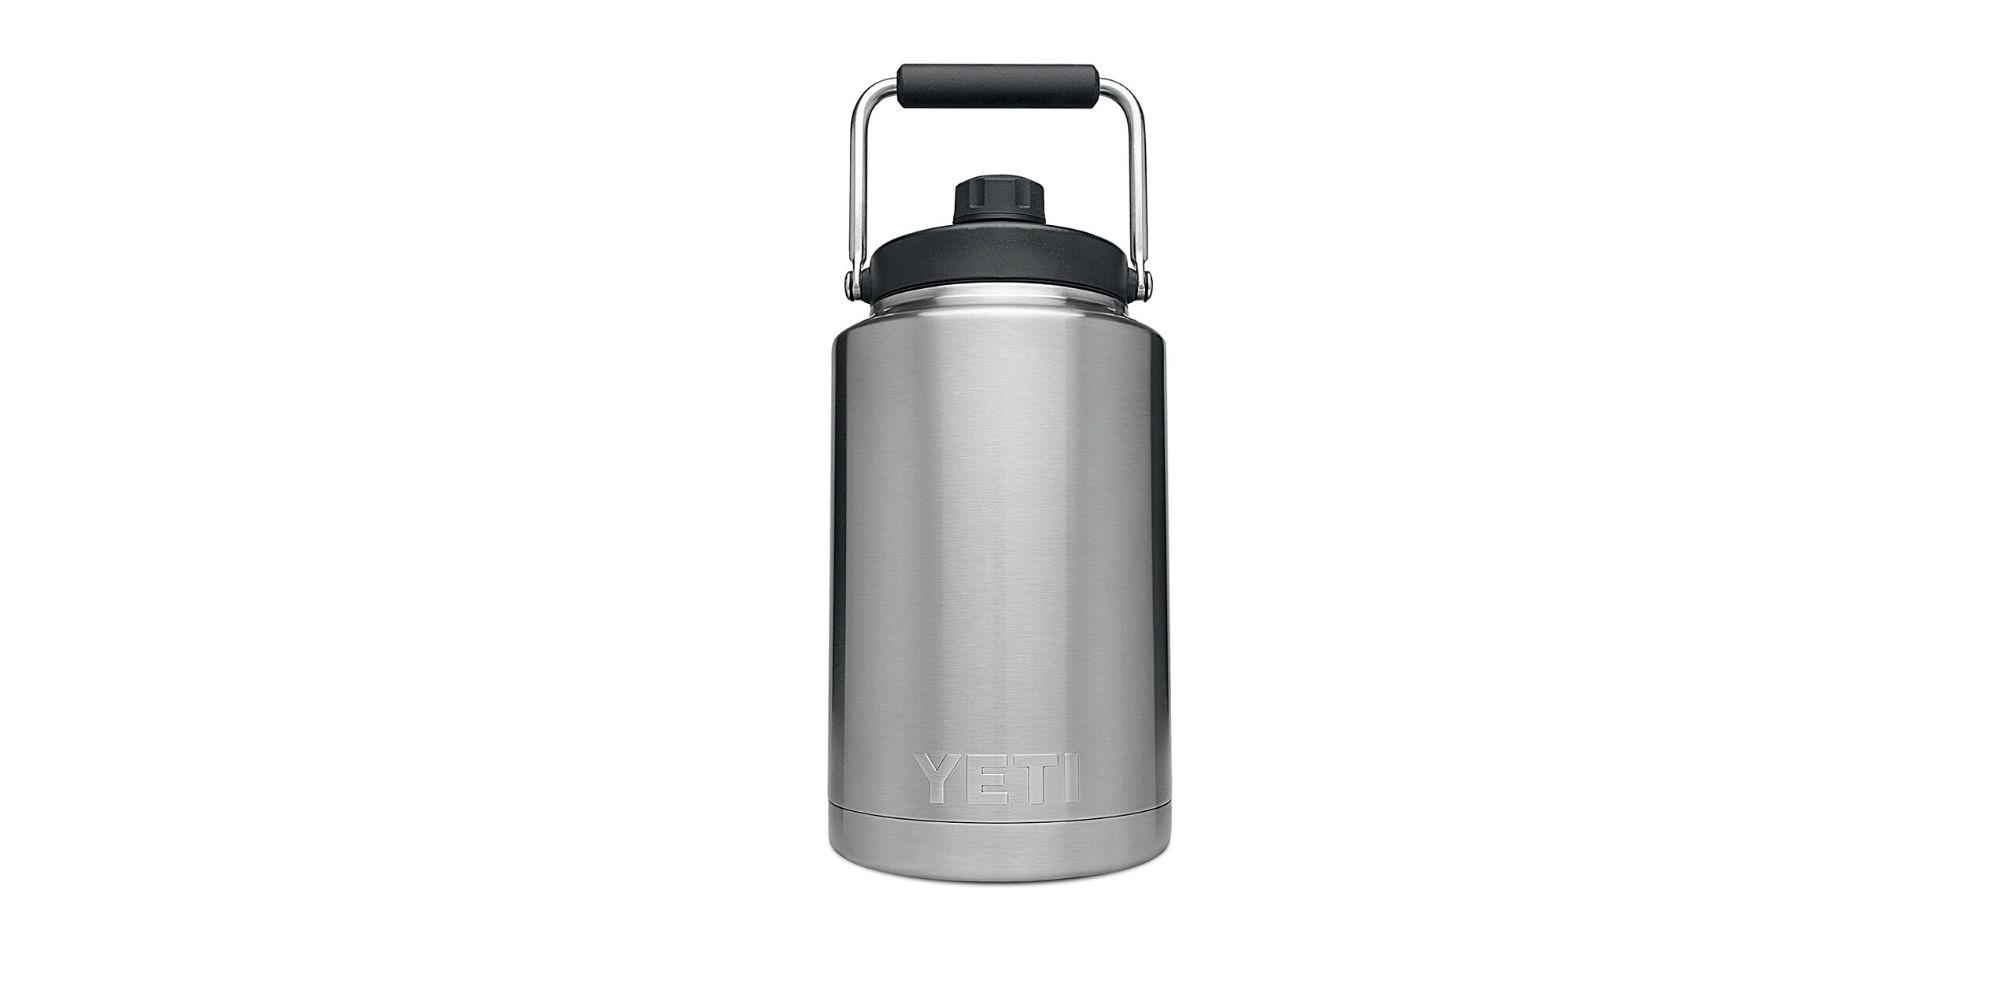 YETI Rambler gallon bottle